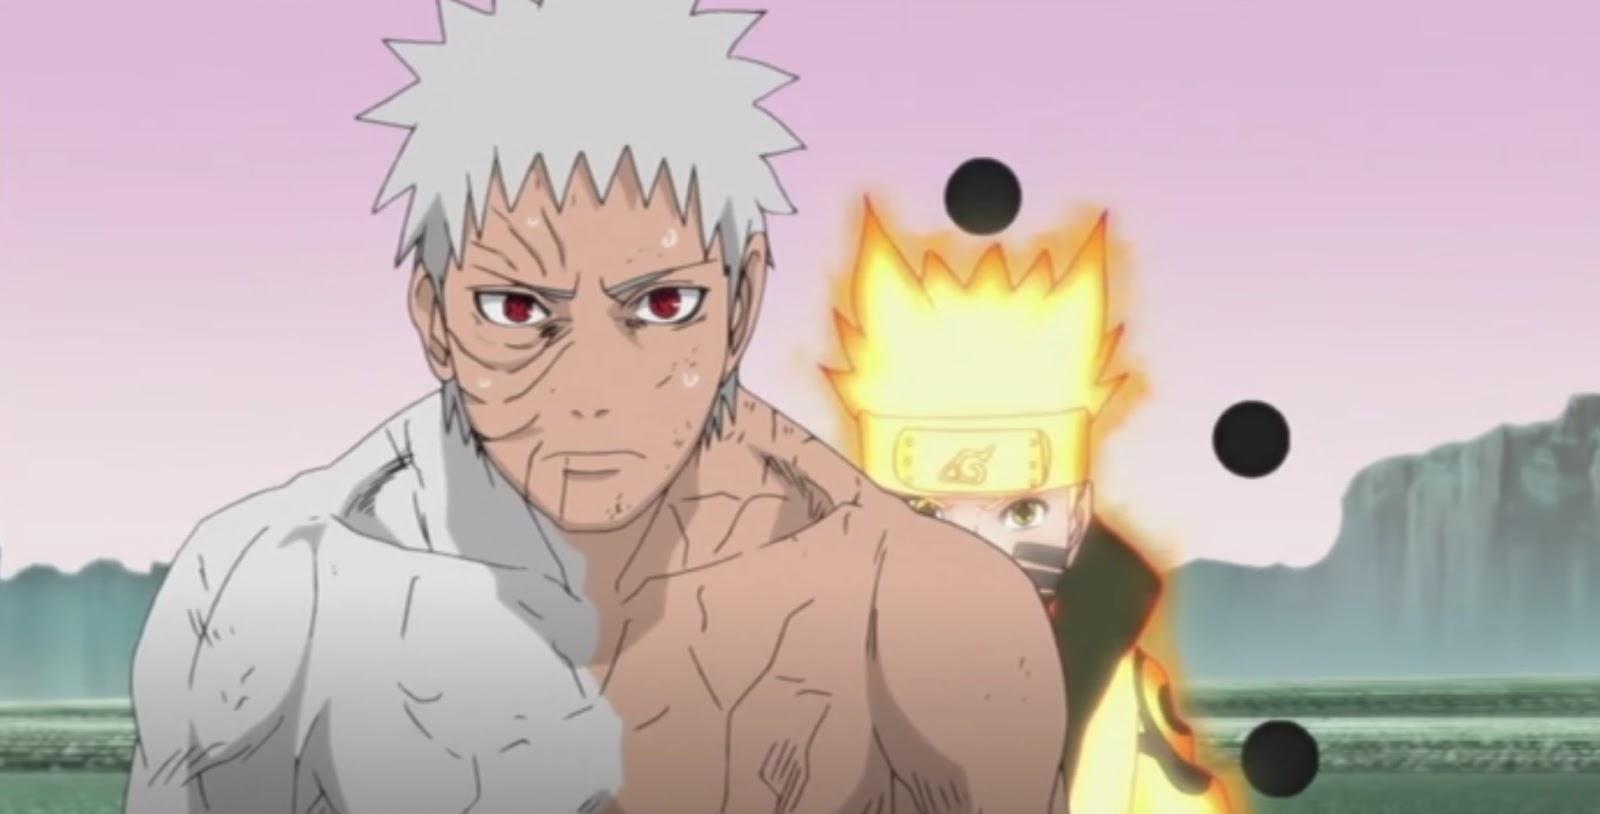 Naruto Shippuden Episódio 472, Assistir Naruto Shippuden Episódio 472, Assistir Naruto Shippuden Todos os Episódios Legendado, Naruto Shippuden episódio 472,HD